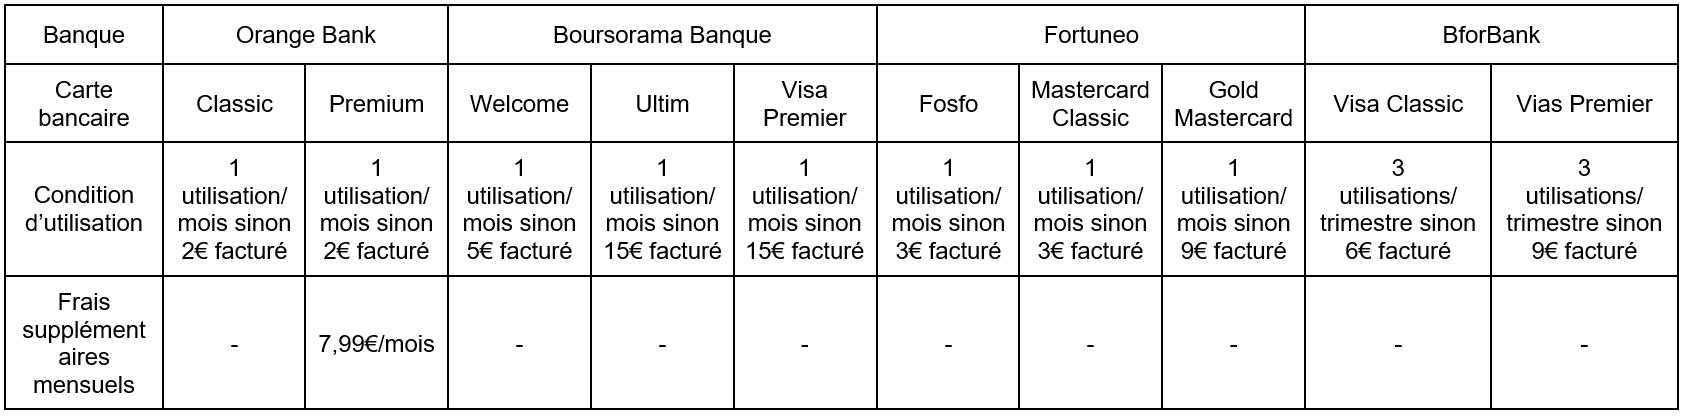 Tableau comparatif des cartes bancaires avec condition d'utilisation